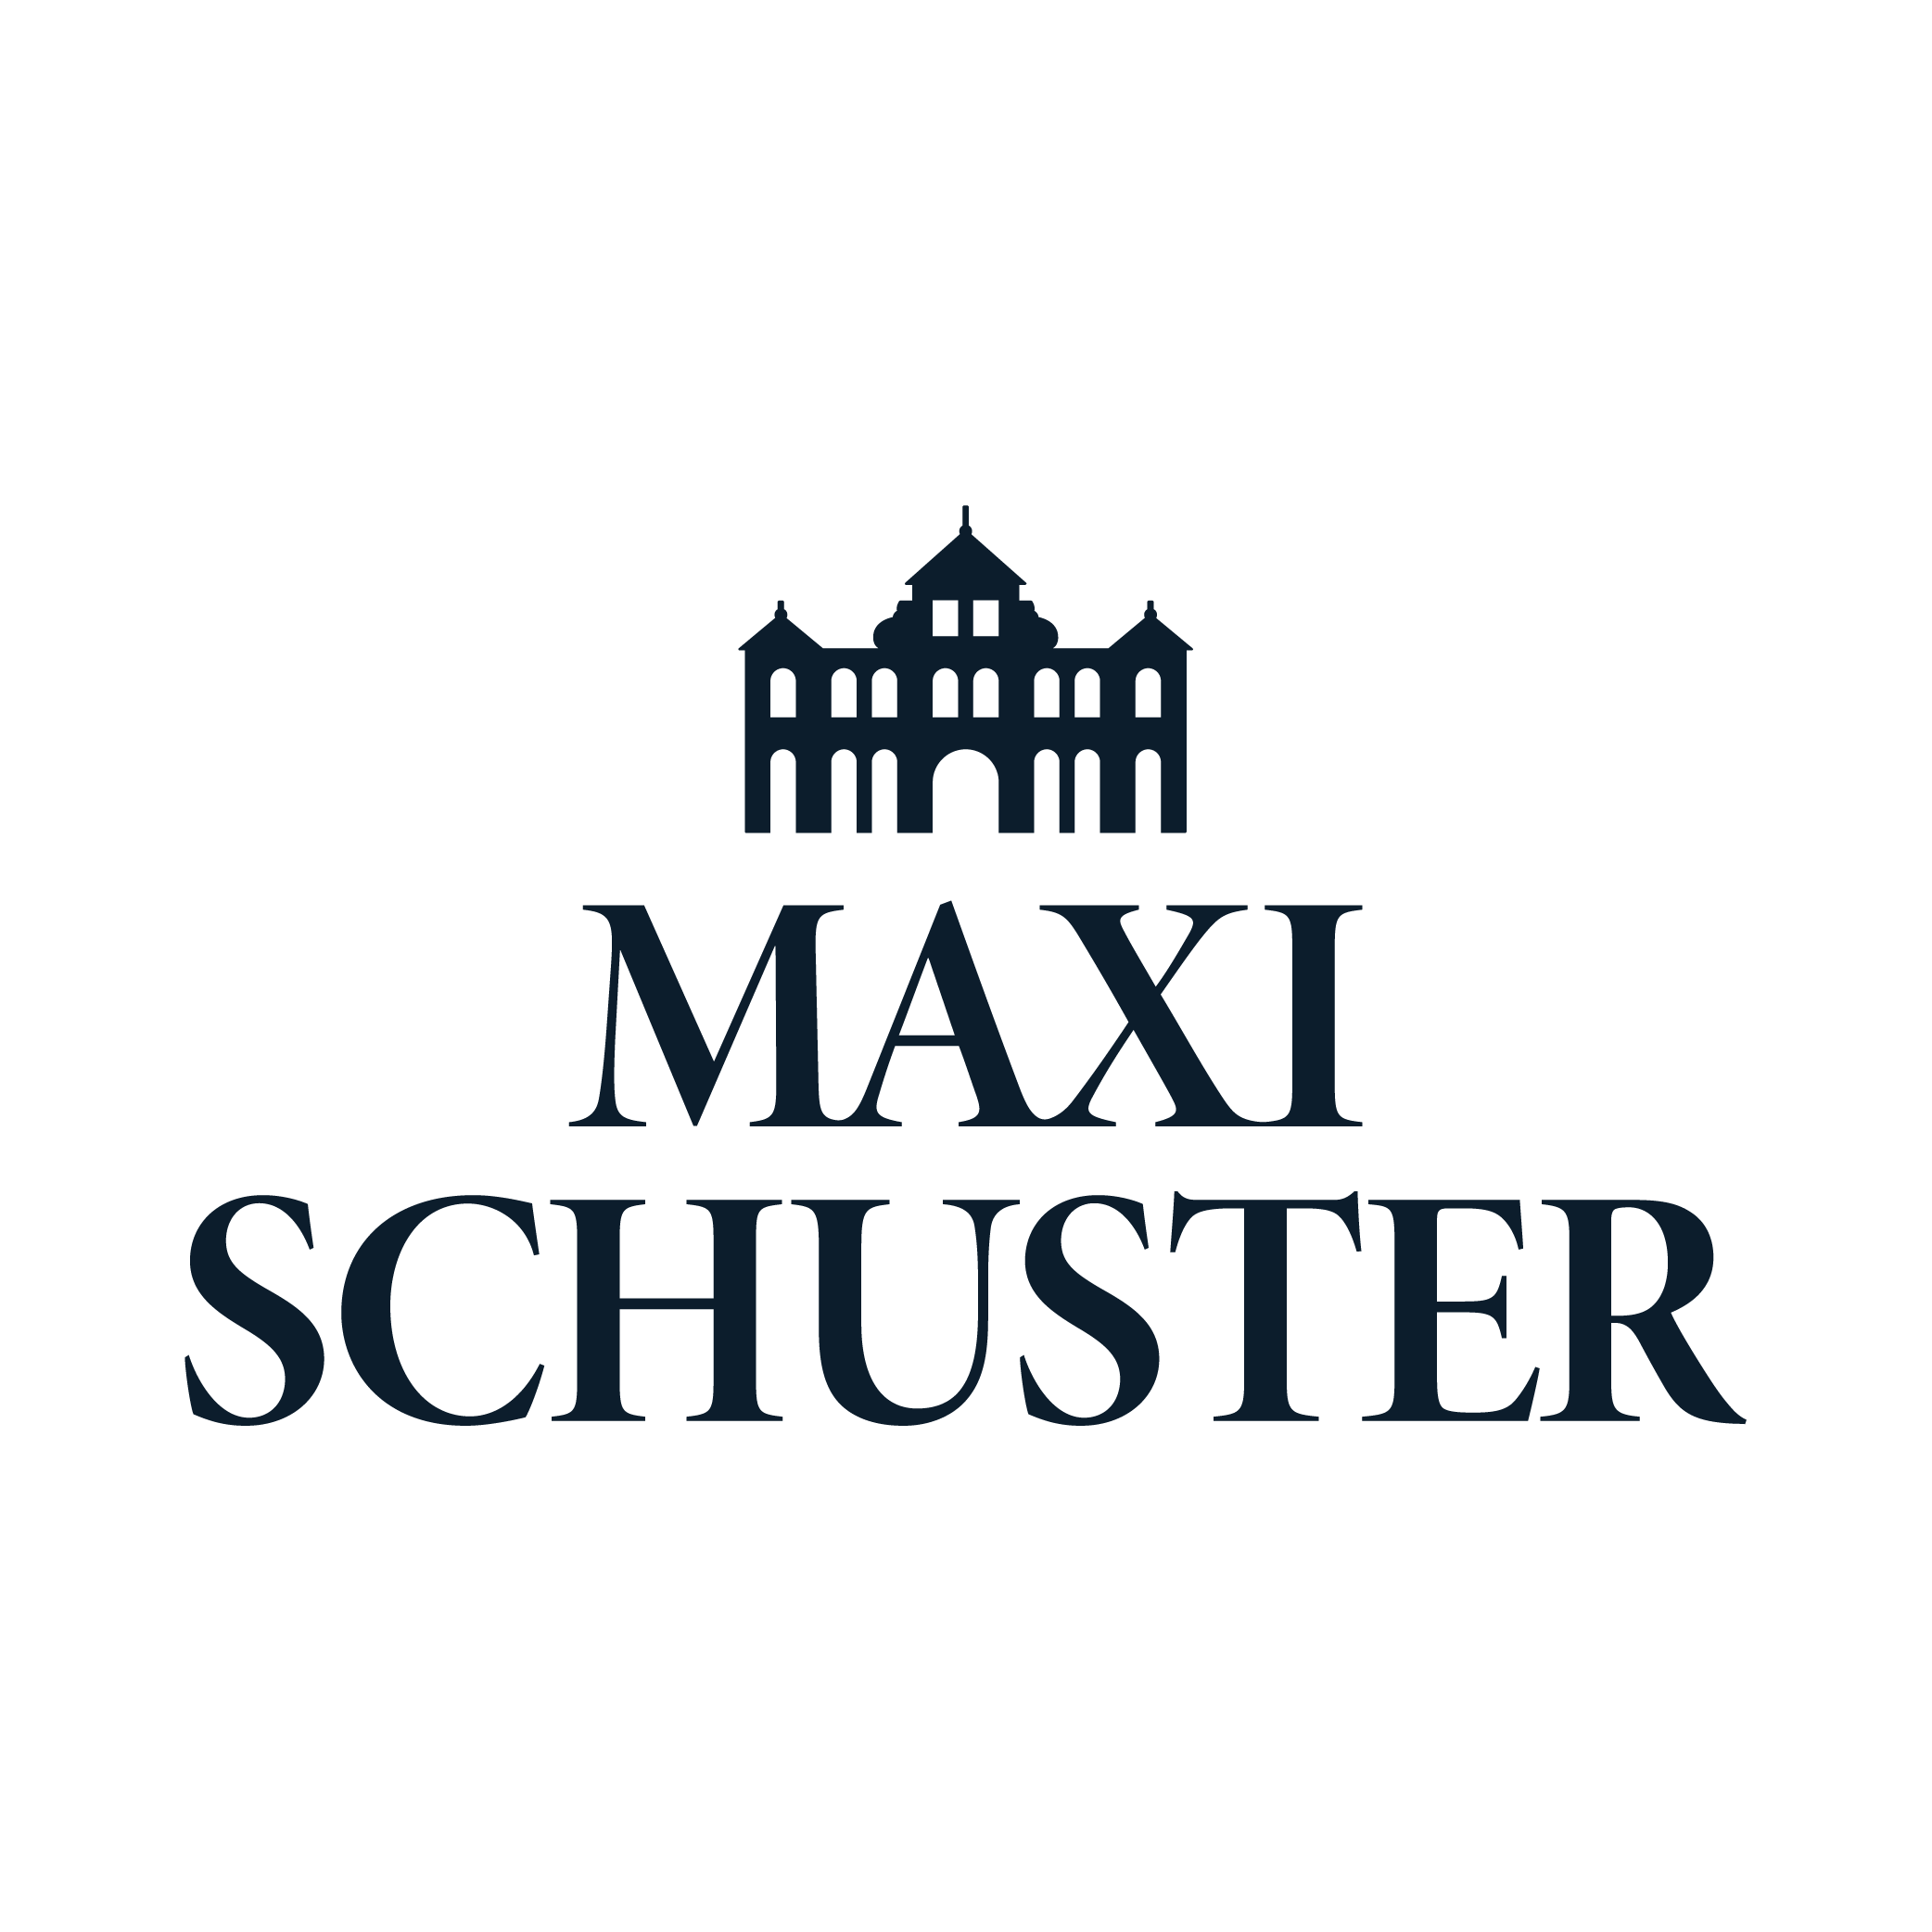 Maxi Schuster